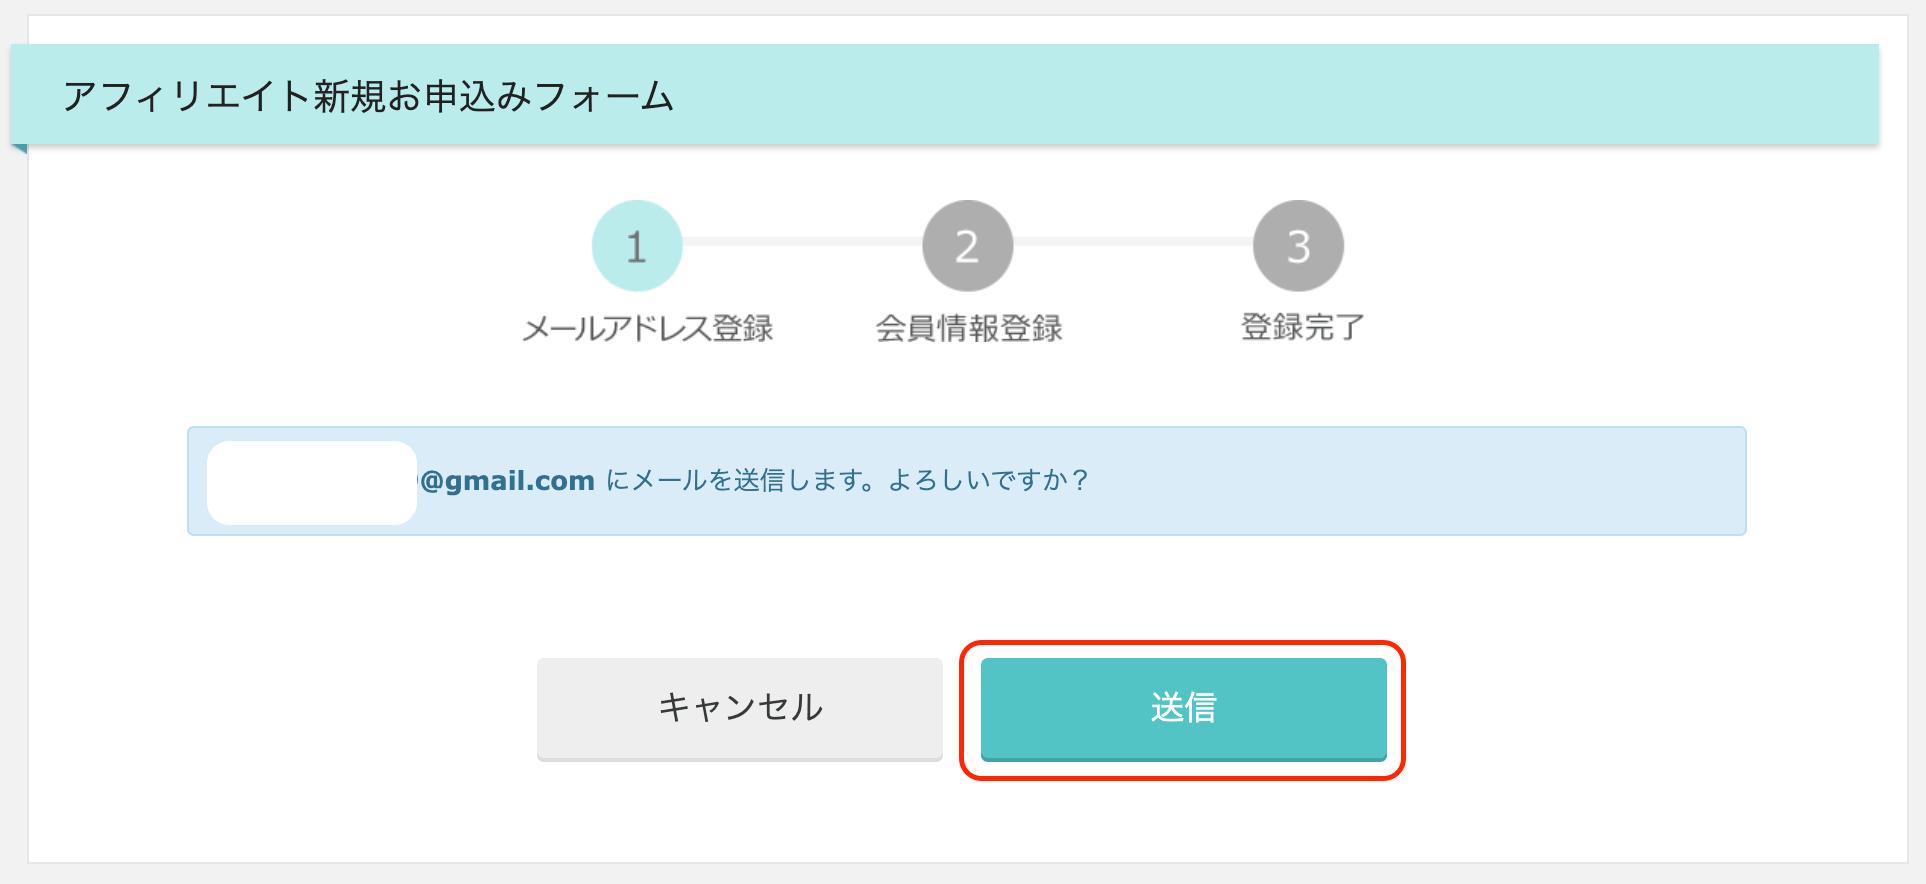 バリューコマース登録方法